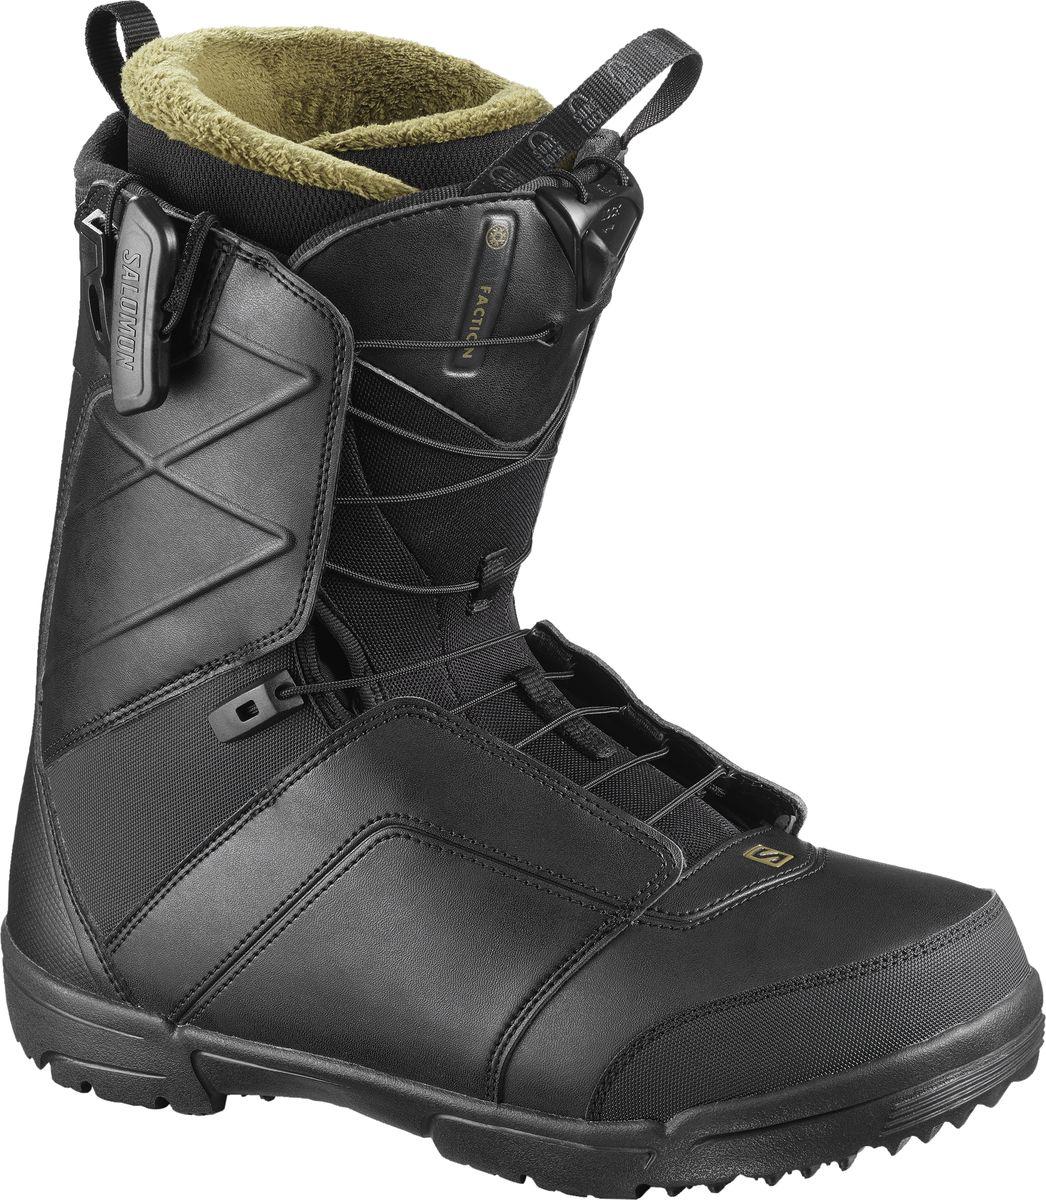 Ботинки для сноуборда мужские Salomon Faction, цвет: черный. Размер 43L40215000_43Никакая другая обувь для сноуборда в этой ценовой категории не имеет такой долгой истории, как ботинки Faction. Технология создания обуви имеет огромное значение для Salomon, поэтому мы разработали обувь, вкоторой идеально сочетаются посадка, отзывчивость и прочность. Мягкий ботинок в паре со шнуровкой ZoneLock гарантирует комфорт и поддержку весь день.